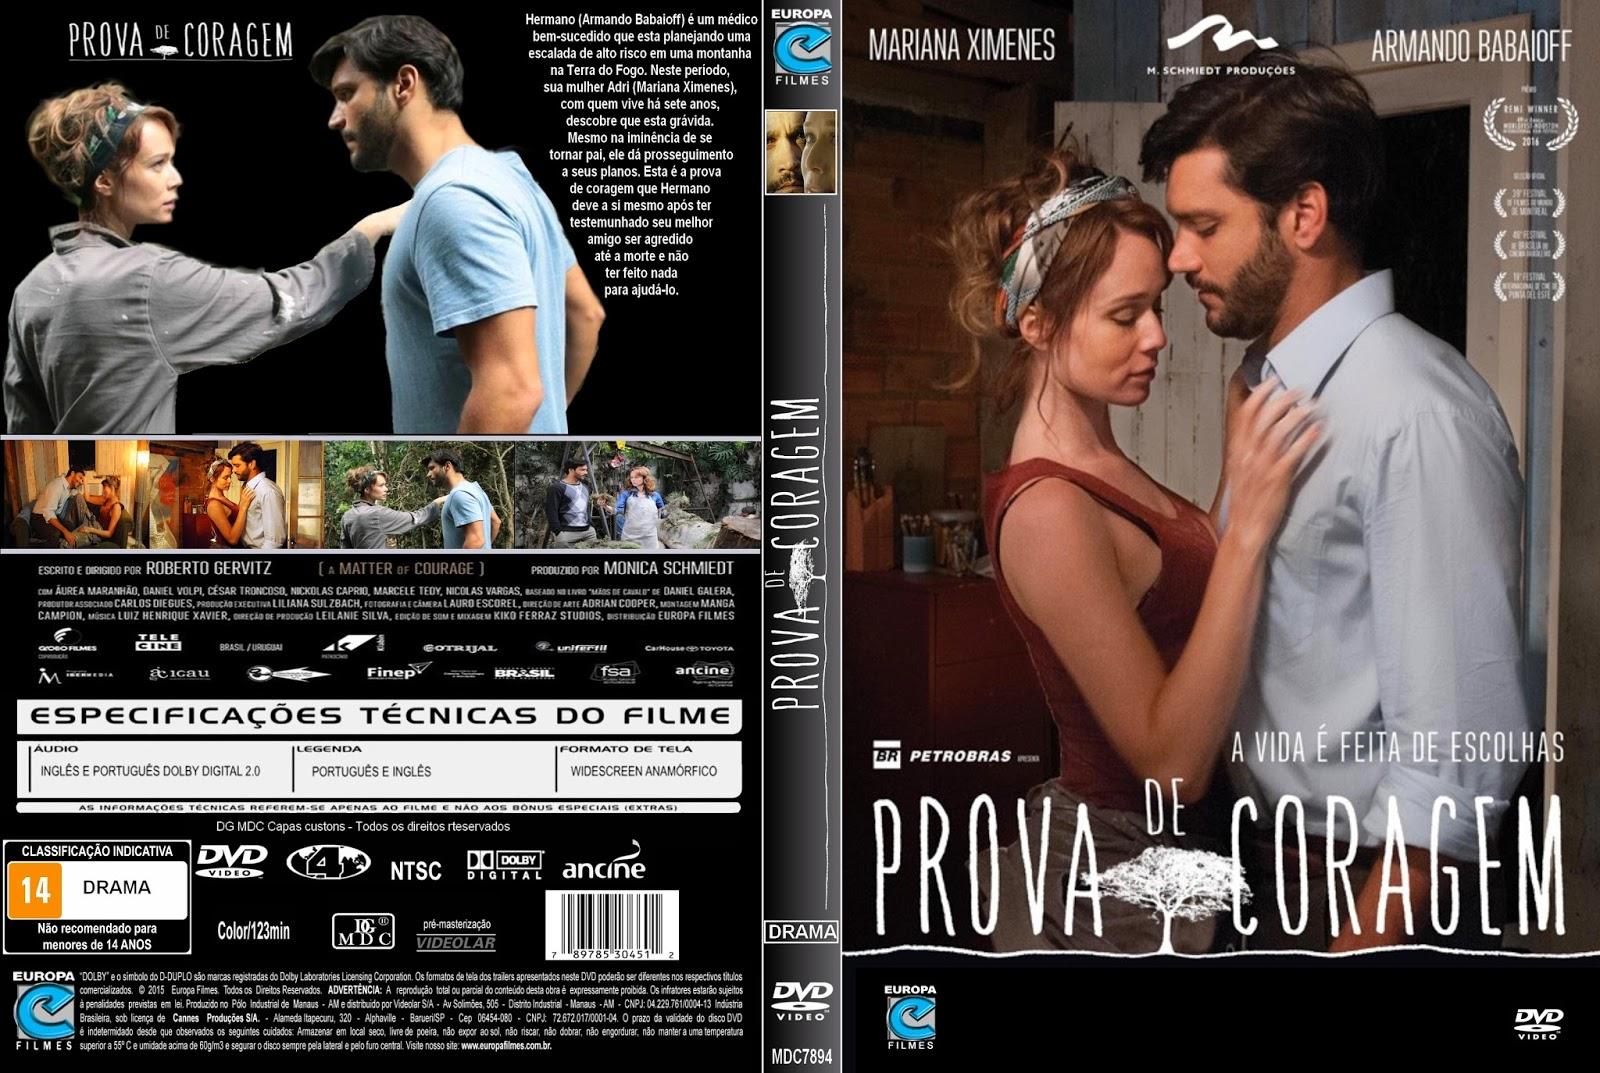 Prova de Coragem DVD-R Prova de Coragem DVD-R Prova 2BDe 2BCoragem